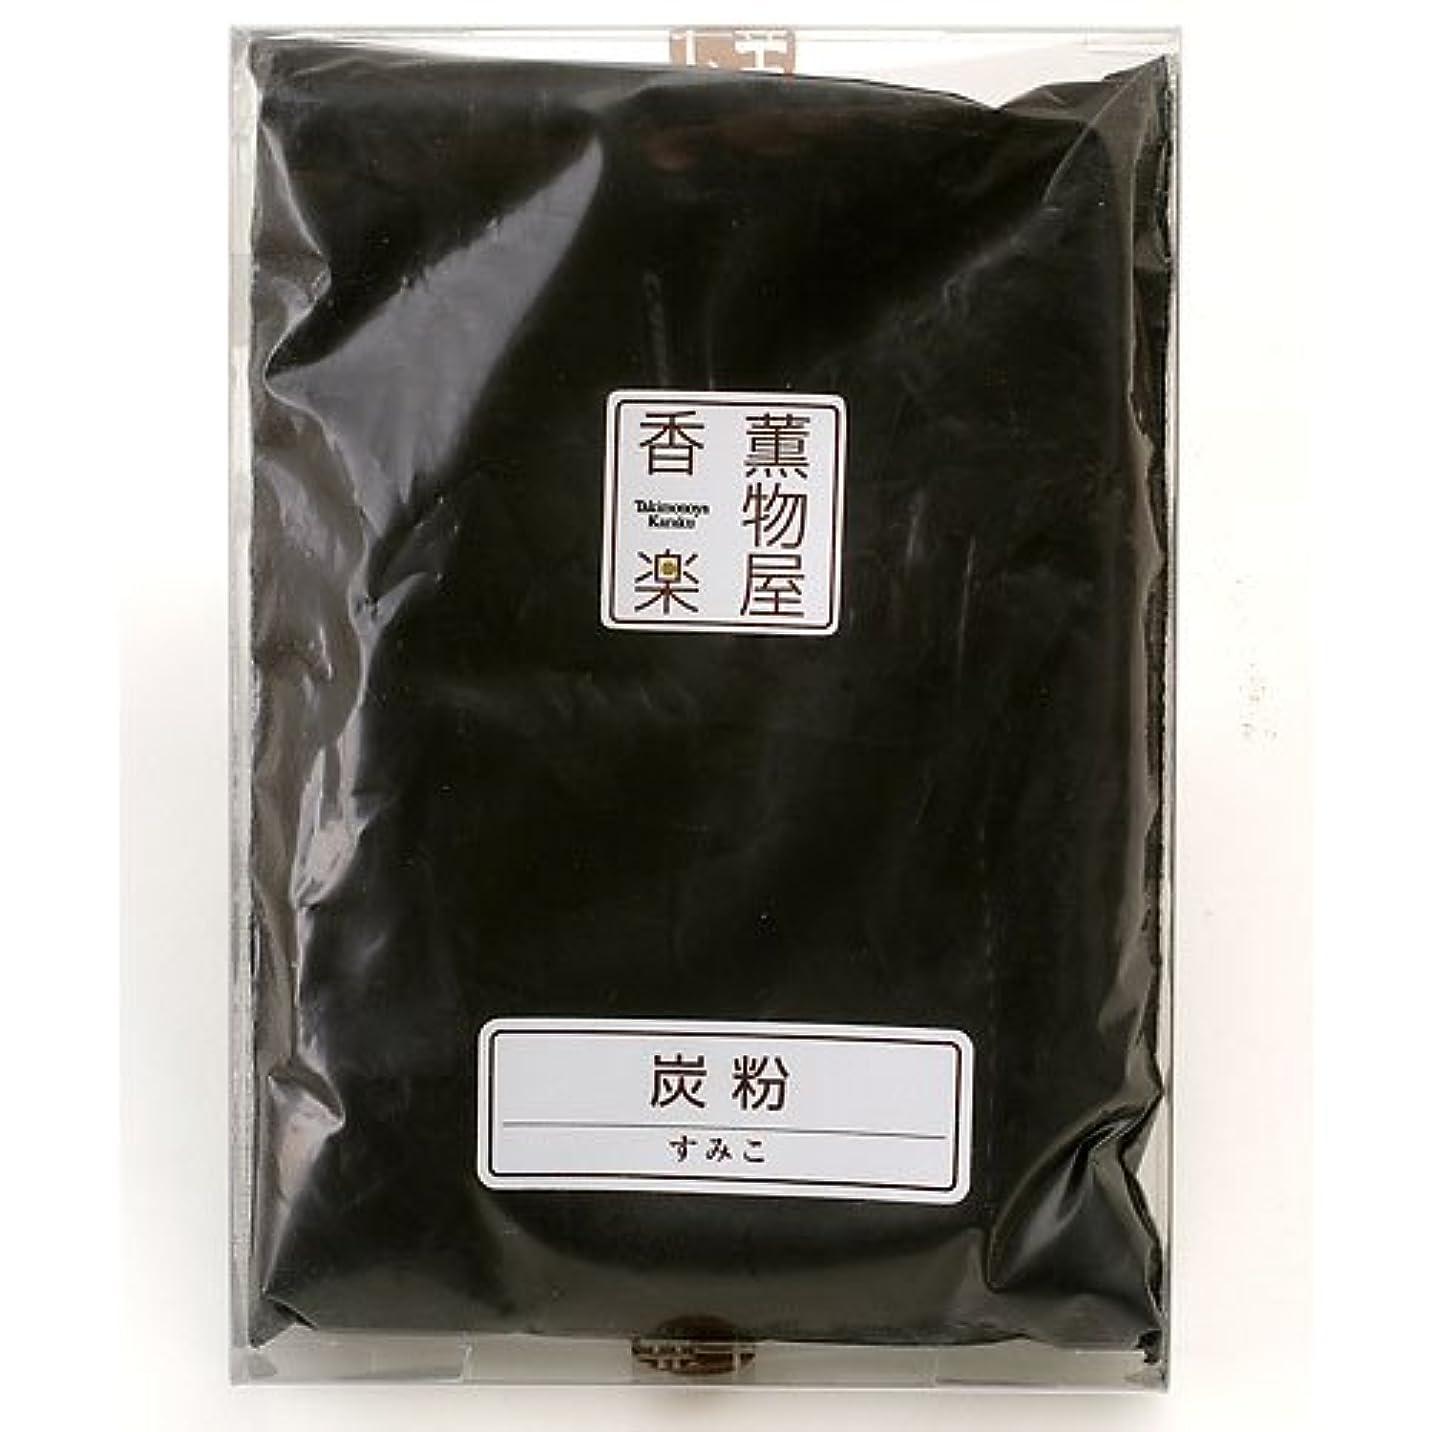 インスタンス付与の頭の上炭粉(着火/カビ防止) 線香?練香の材料